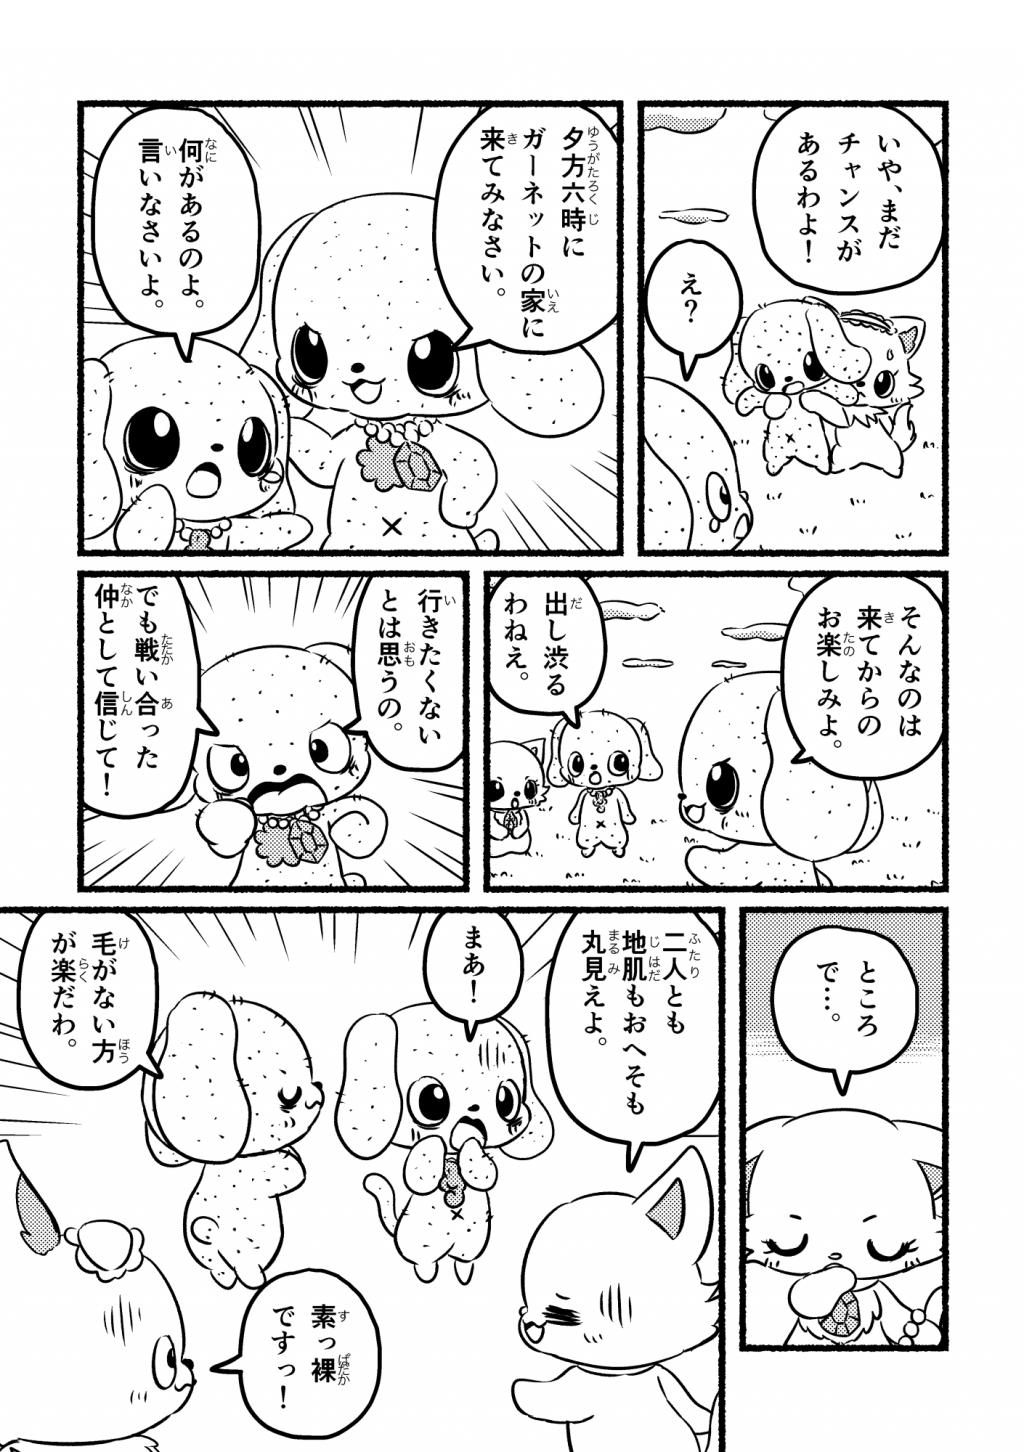 プレーズ さいごのたたかい (16ページ)